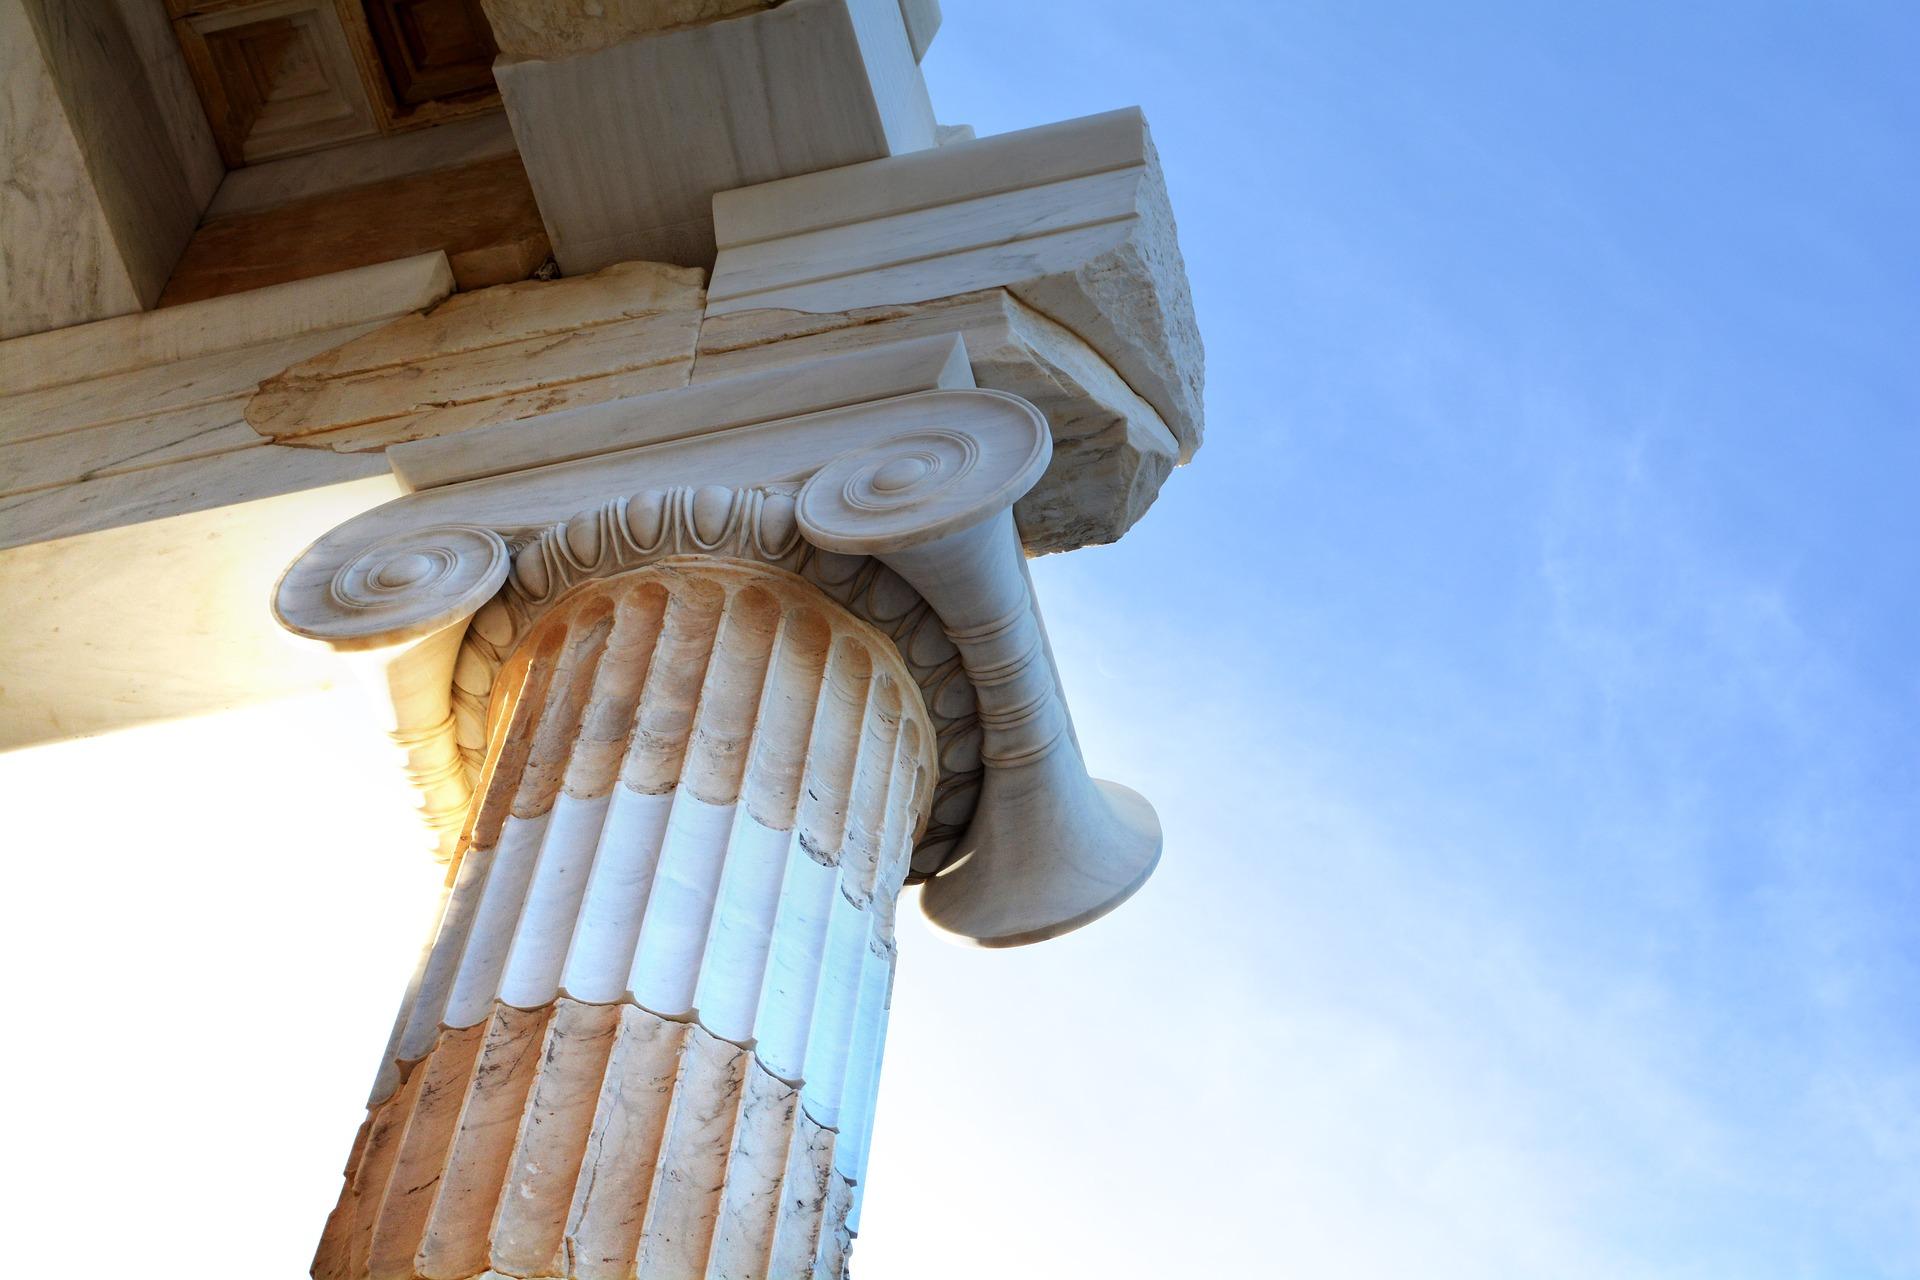 profonda conoscenza degli istituti giuridici, coniugata a un approccio fortemente strategico calato nella dinamica processuale